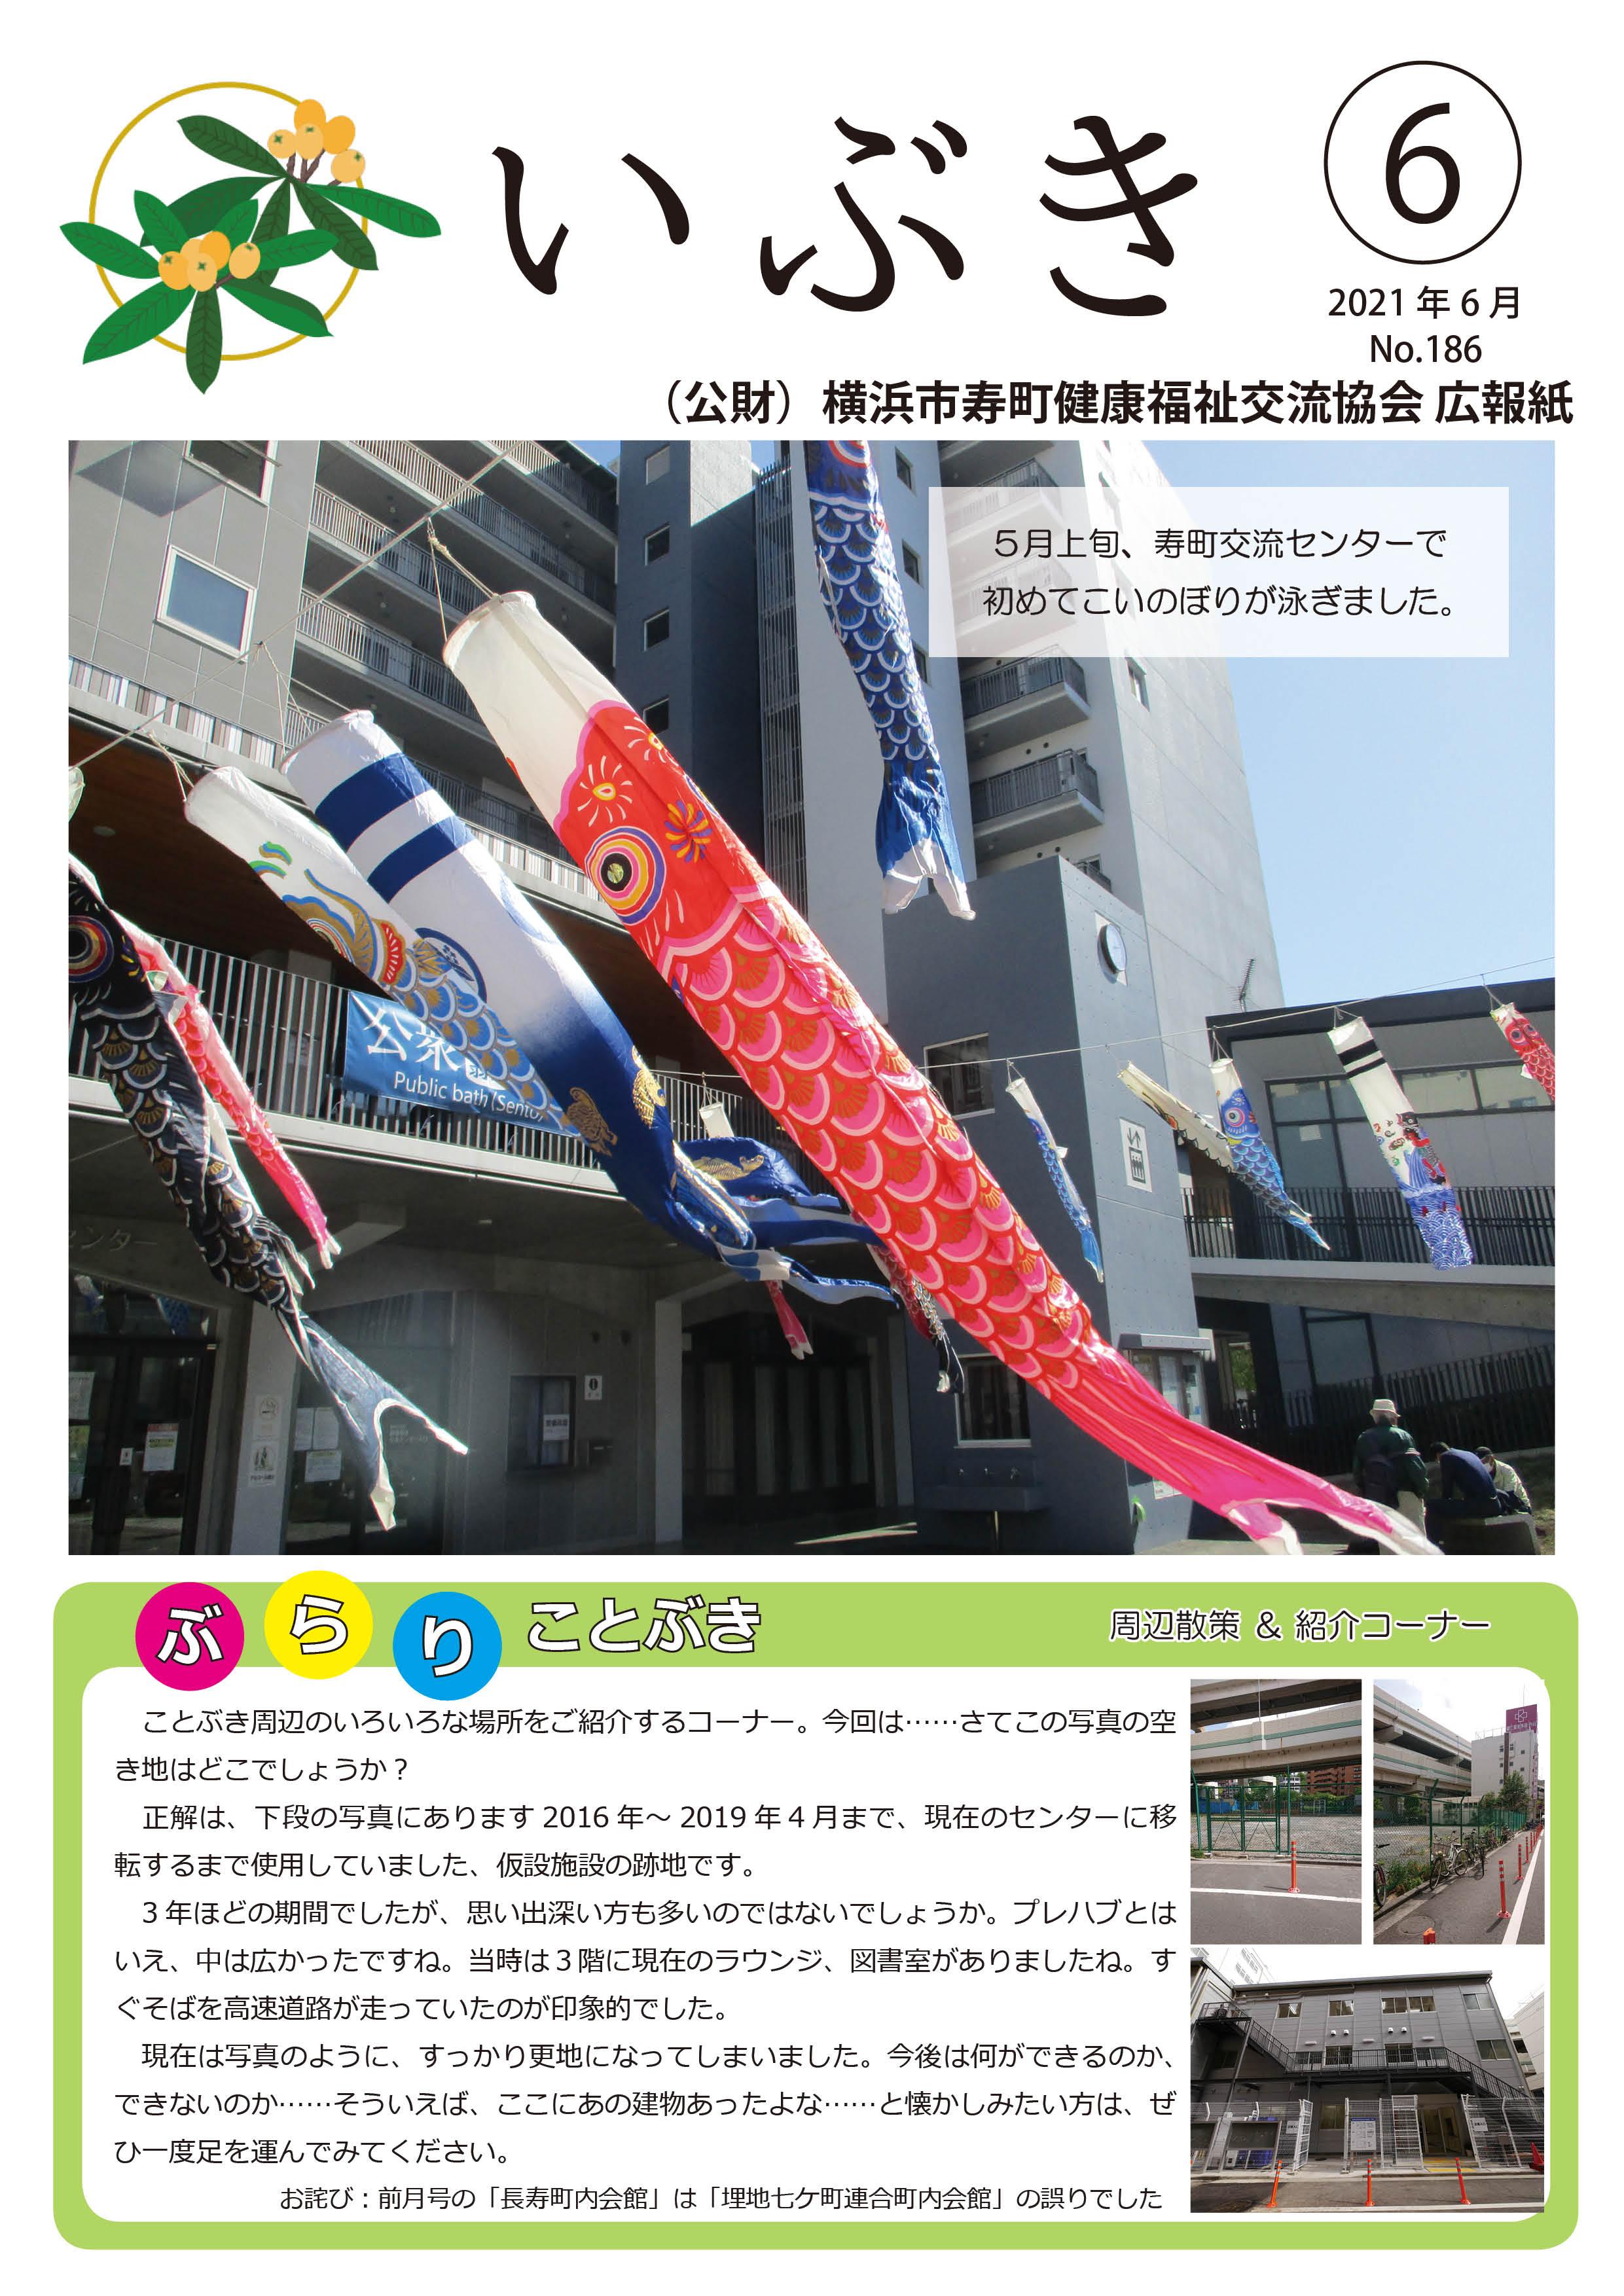 広報紙いぶき2021年6月号(No.186)